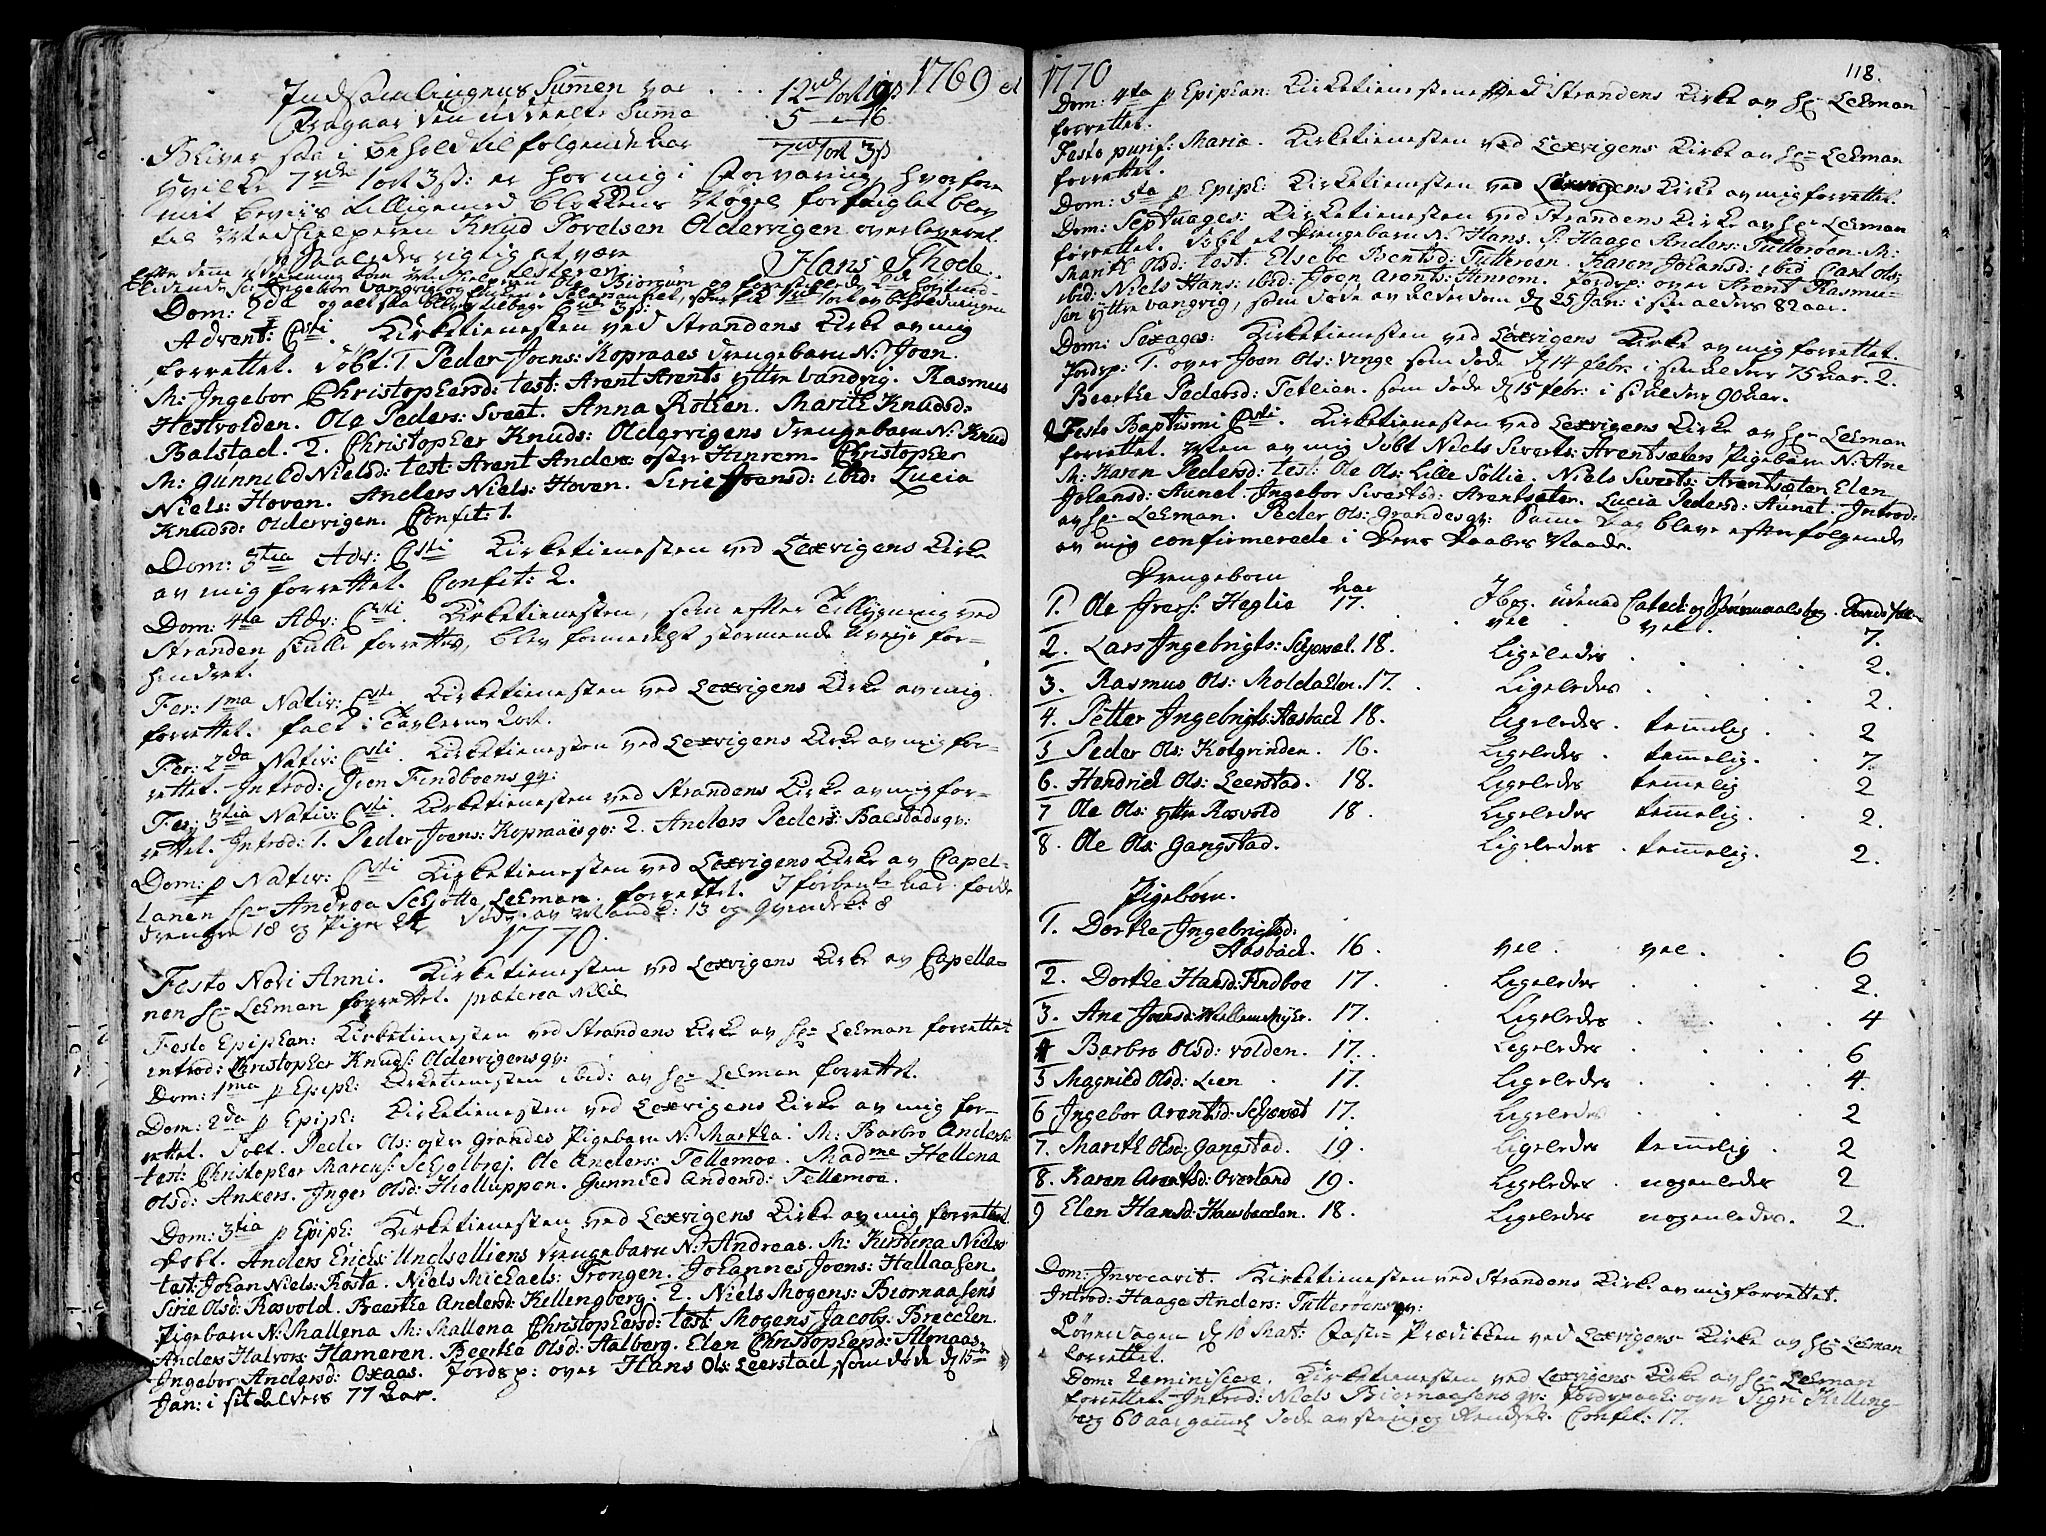 SAT, Ministerialprotokoller, klokkerbøker og fødselsregistre - Nord-Trøndelag, 701/L0003: Ministerialbok nr. 701A03, 1751-1783, s. 118